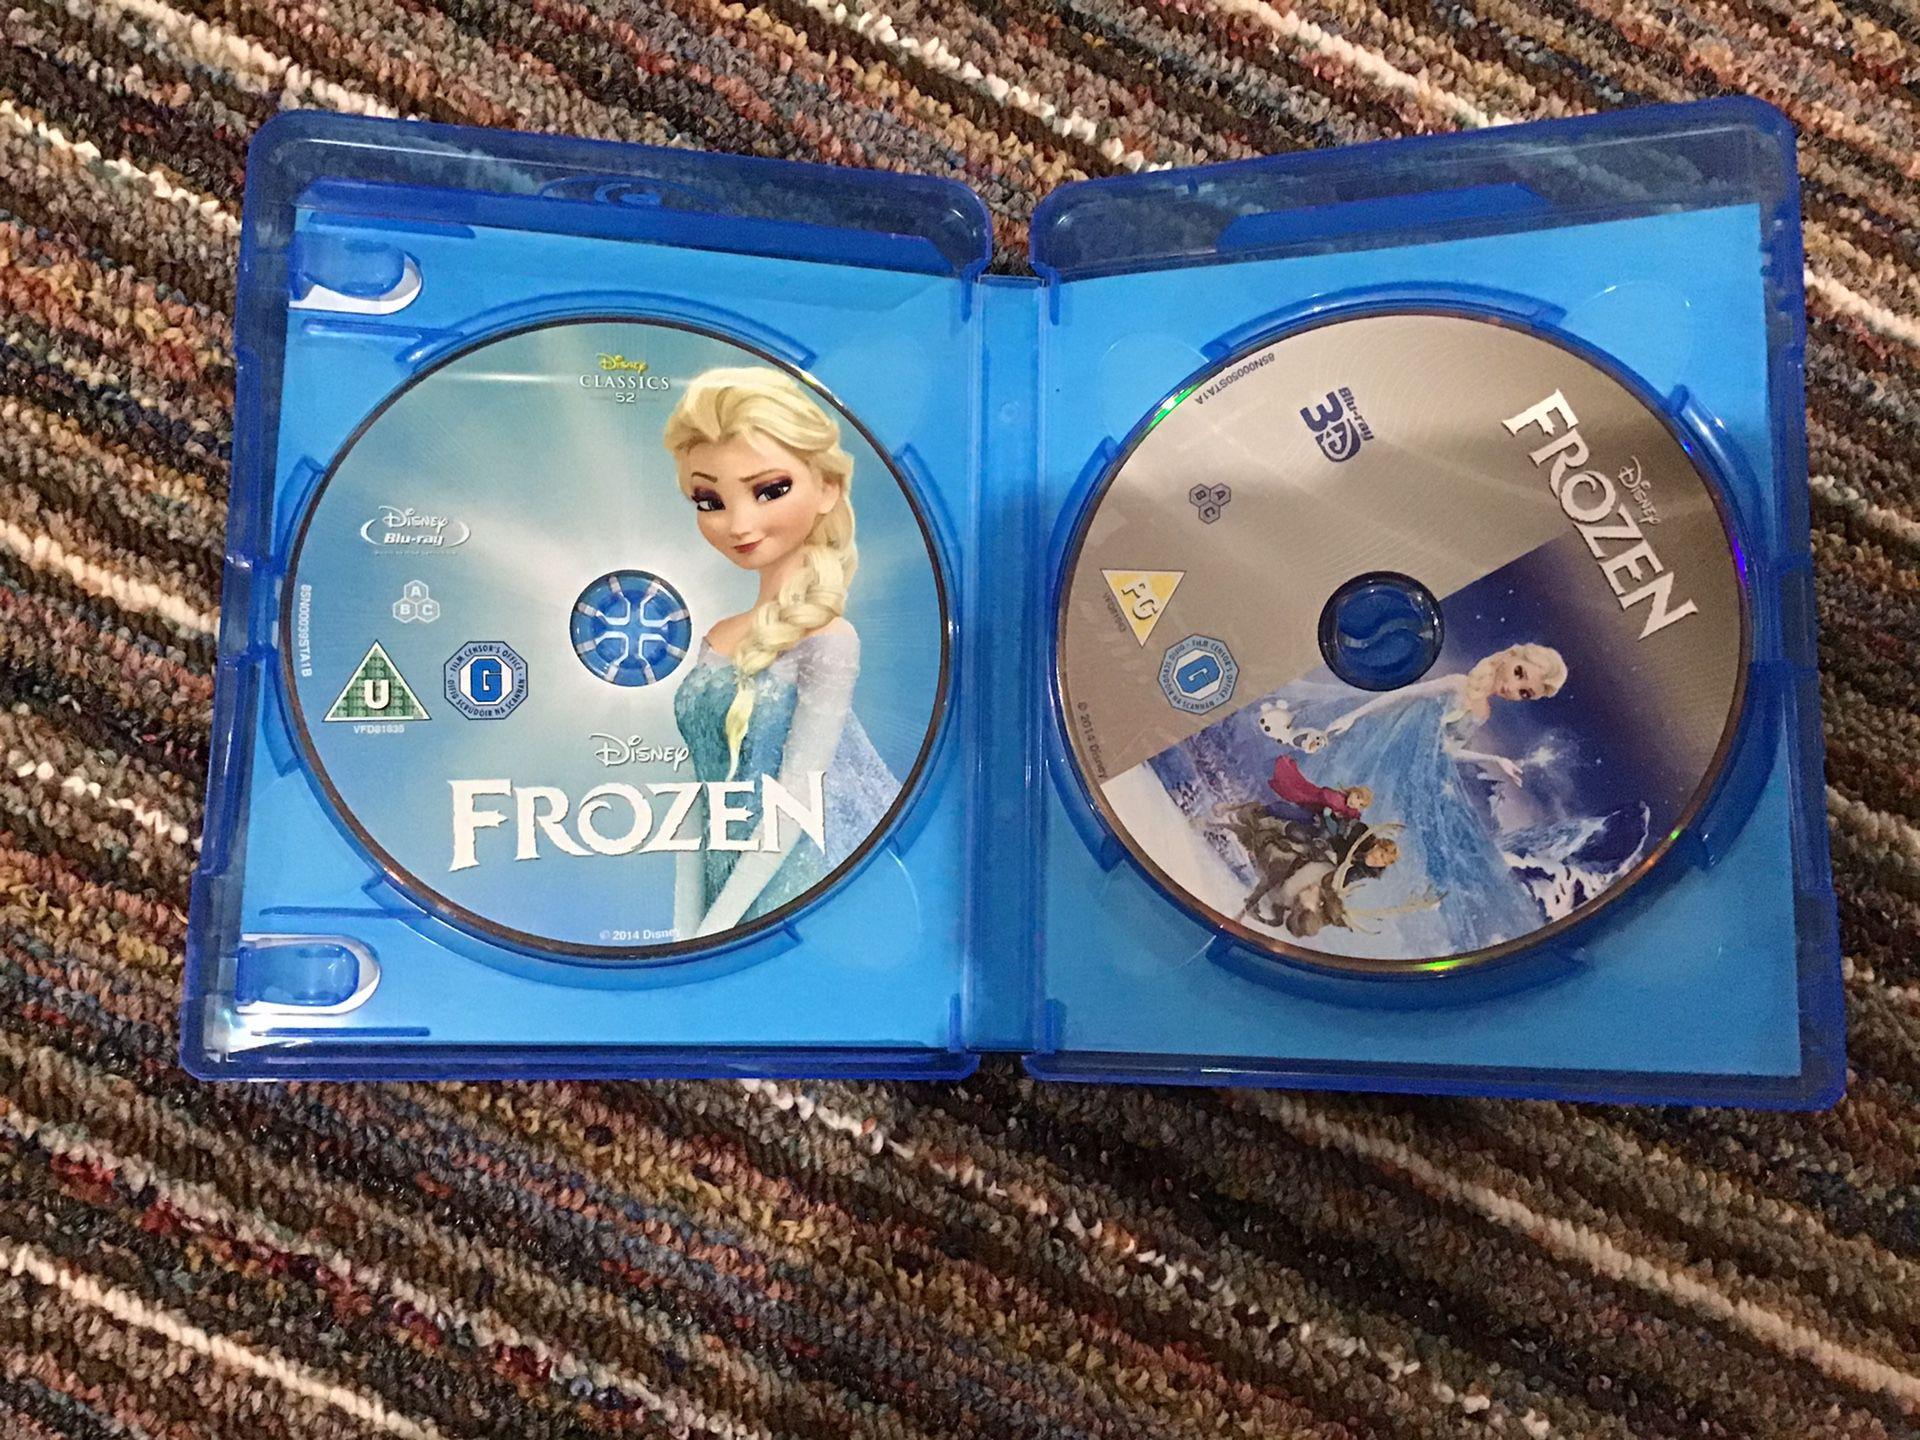 Frozen movie